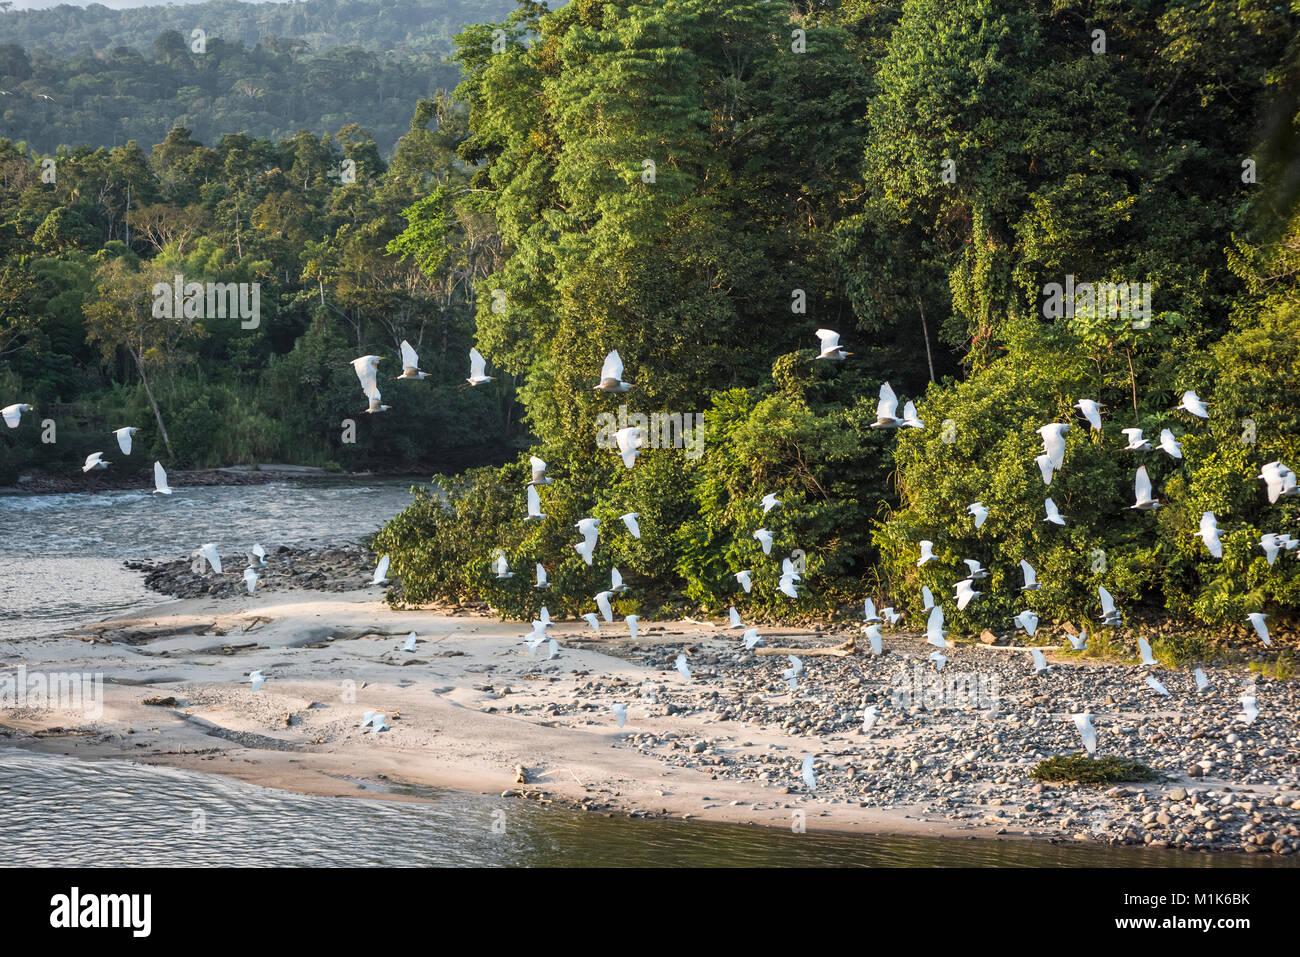 Forêt Amazonienne. La rivière Misahualli. L'Equateur, province de Napo Banque D'Images